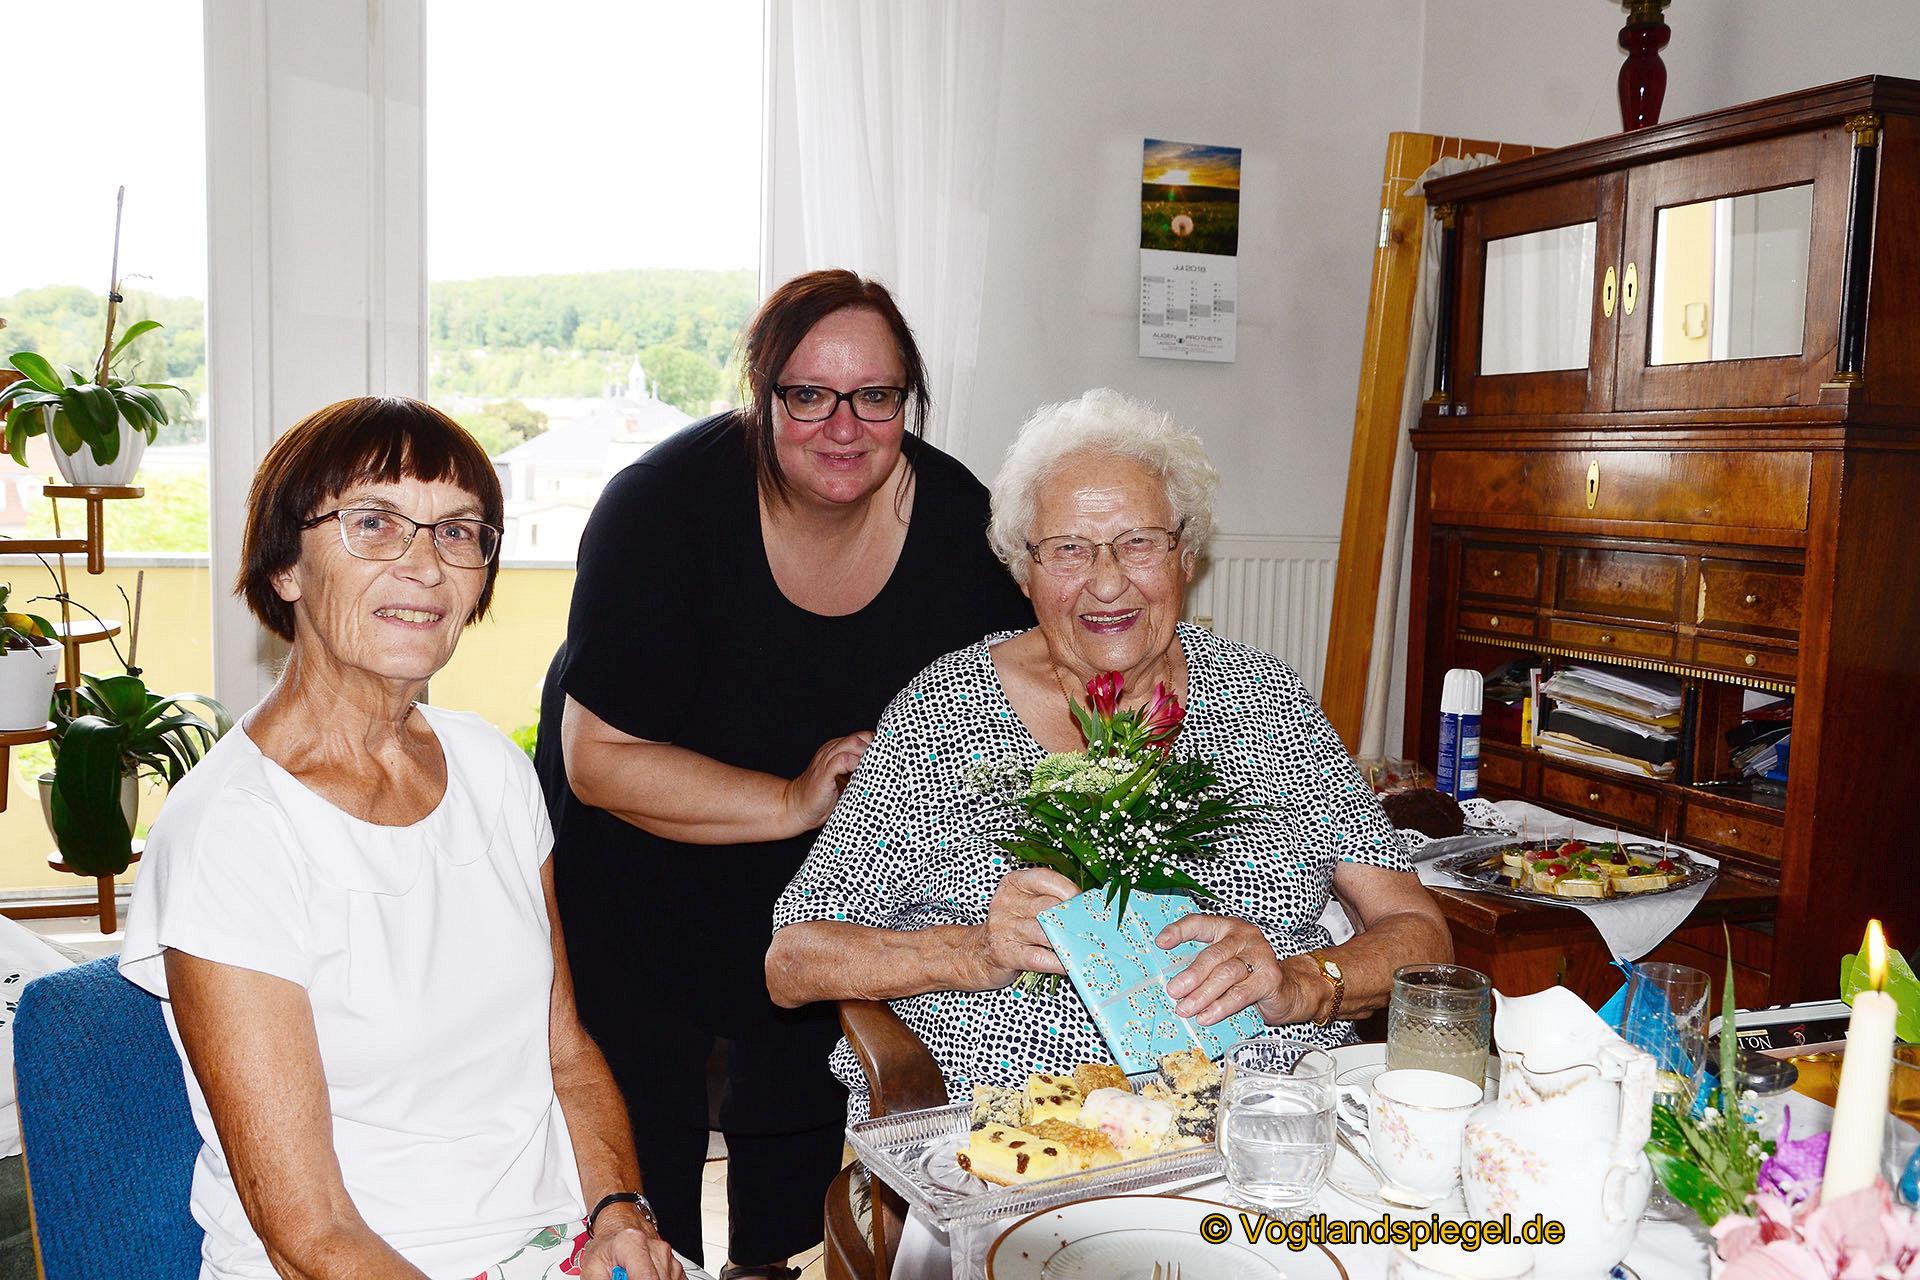 Irmengart Müller-Uri: Alle guten Wünsche zum 91. Geburtstag